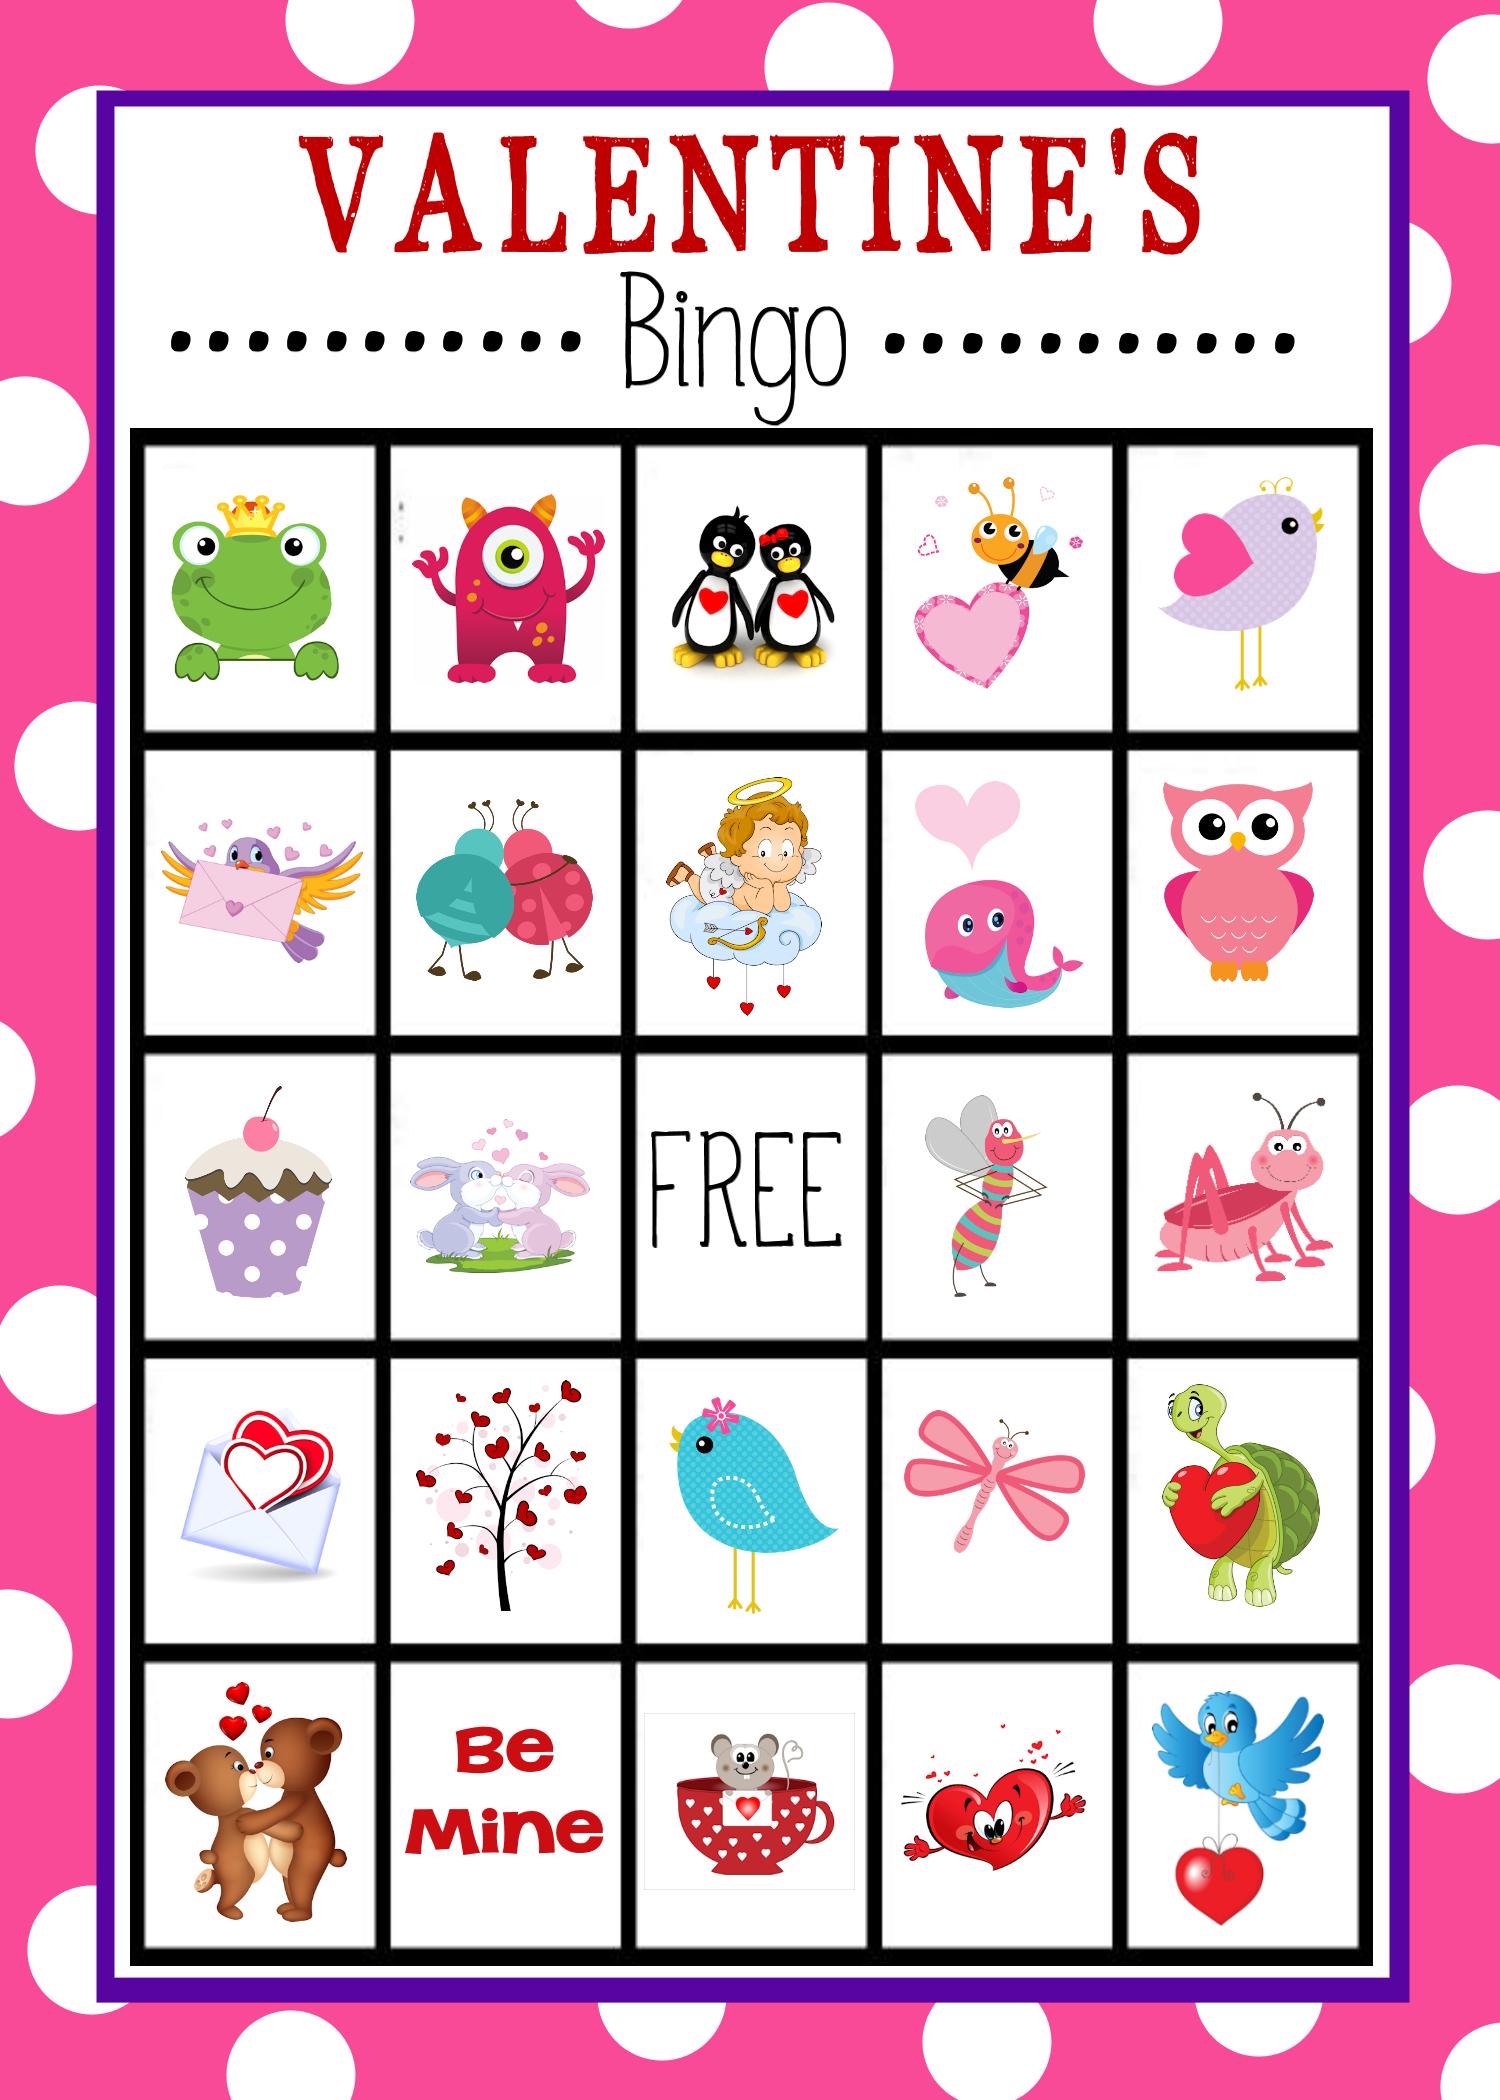 Valentine's Bingo Game To Print & Play | Valentine Bingo